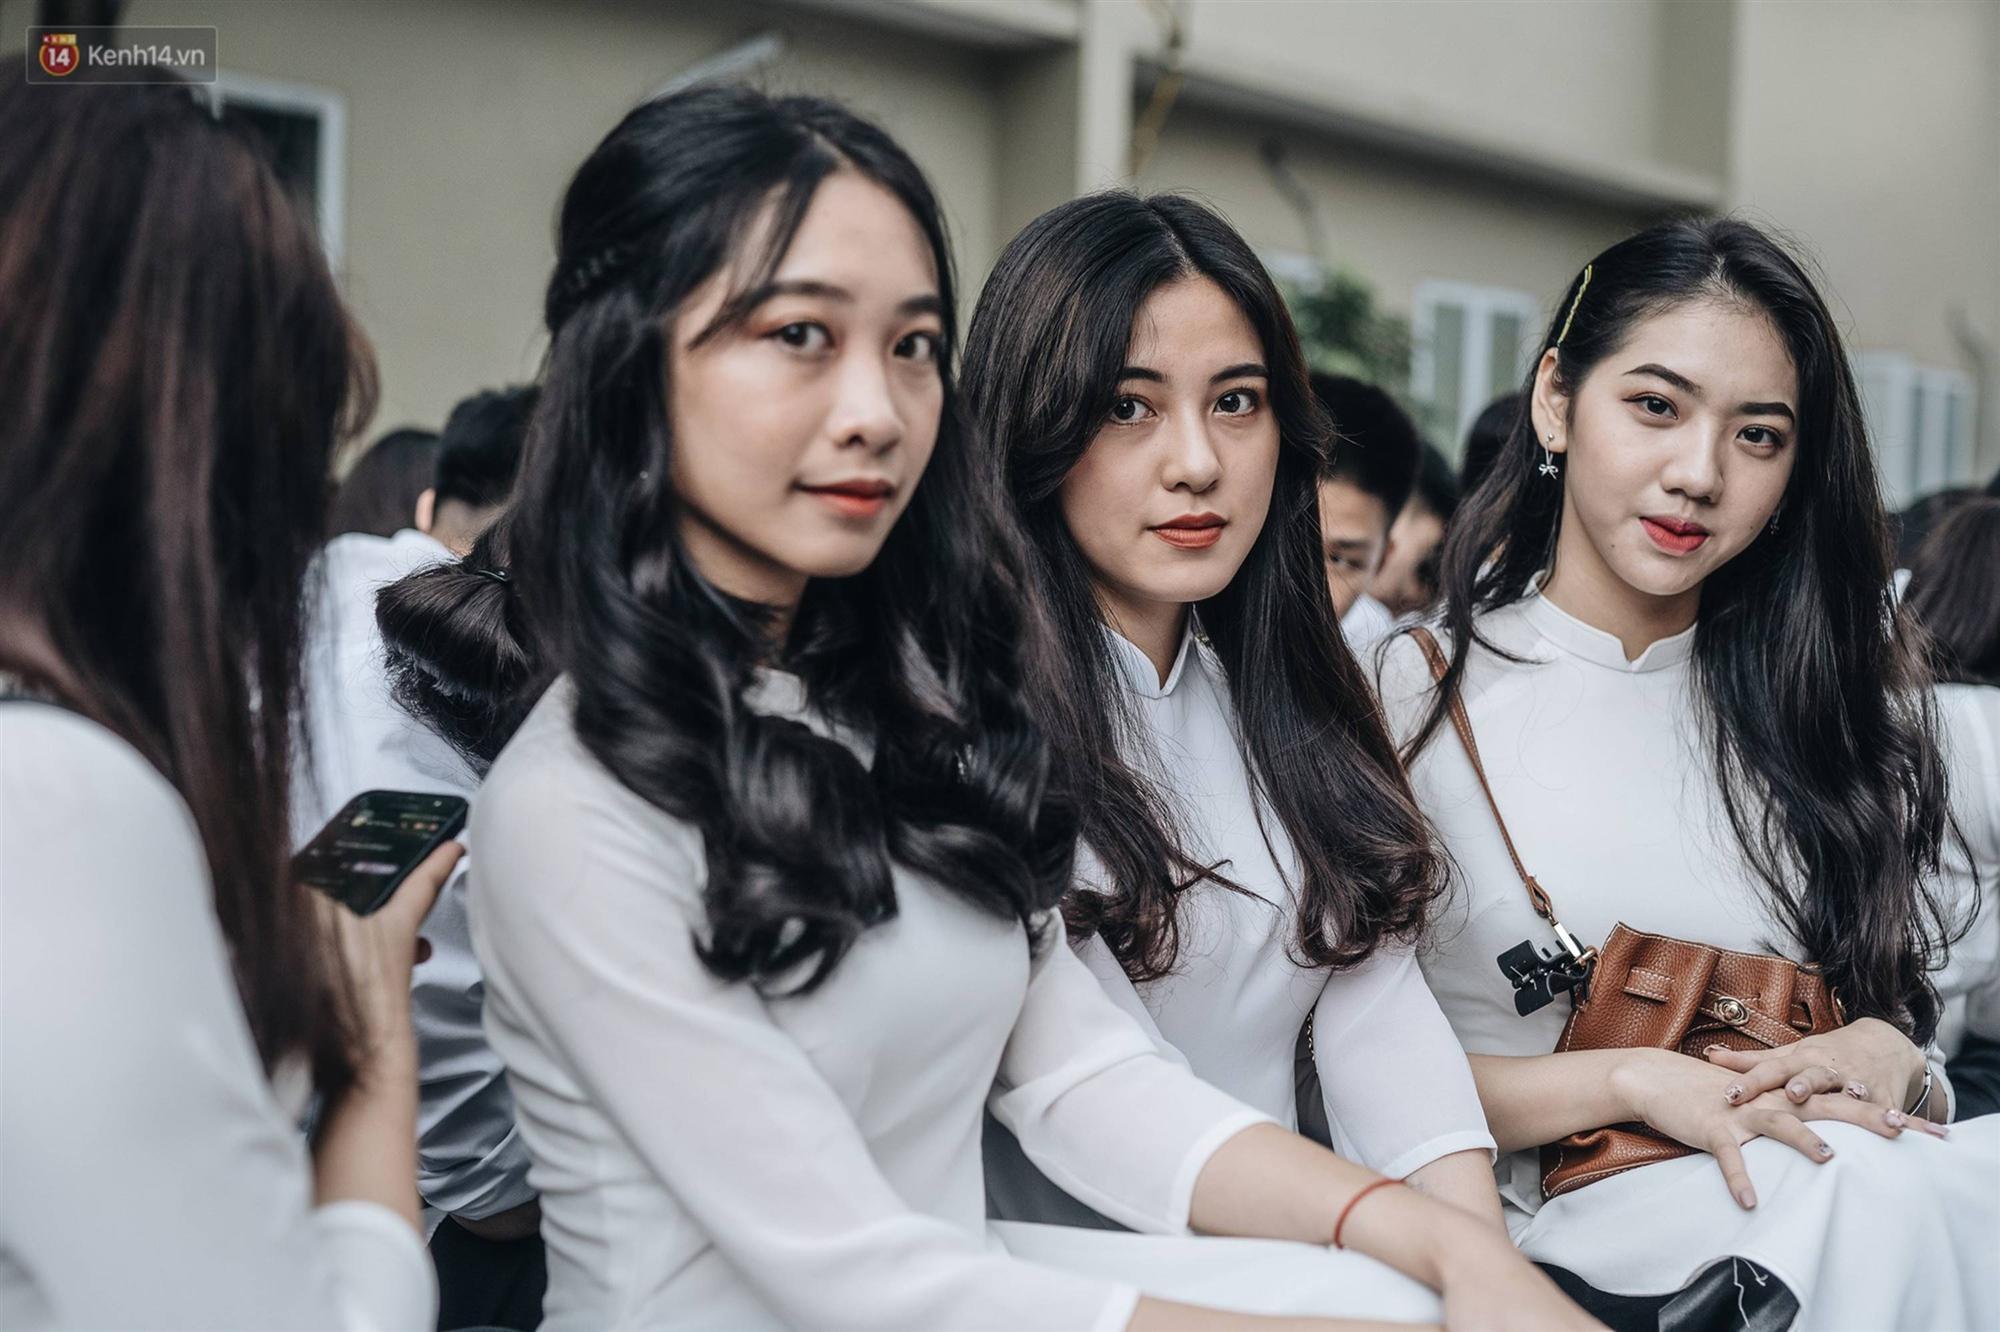 Mặc áo dài trắng đội mưa dự lễ bế giảng, dàn nữ sinh ngôi trường này gây thương nhớ vì quá xinh xắn-3